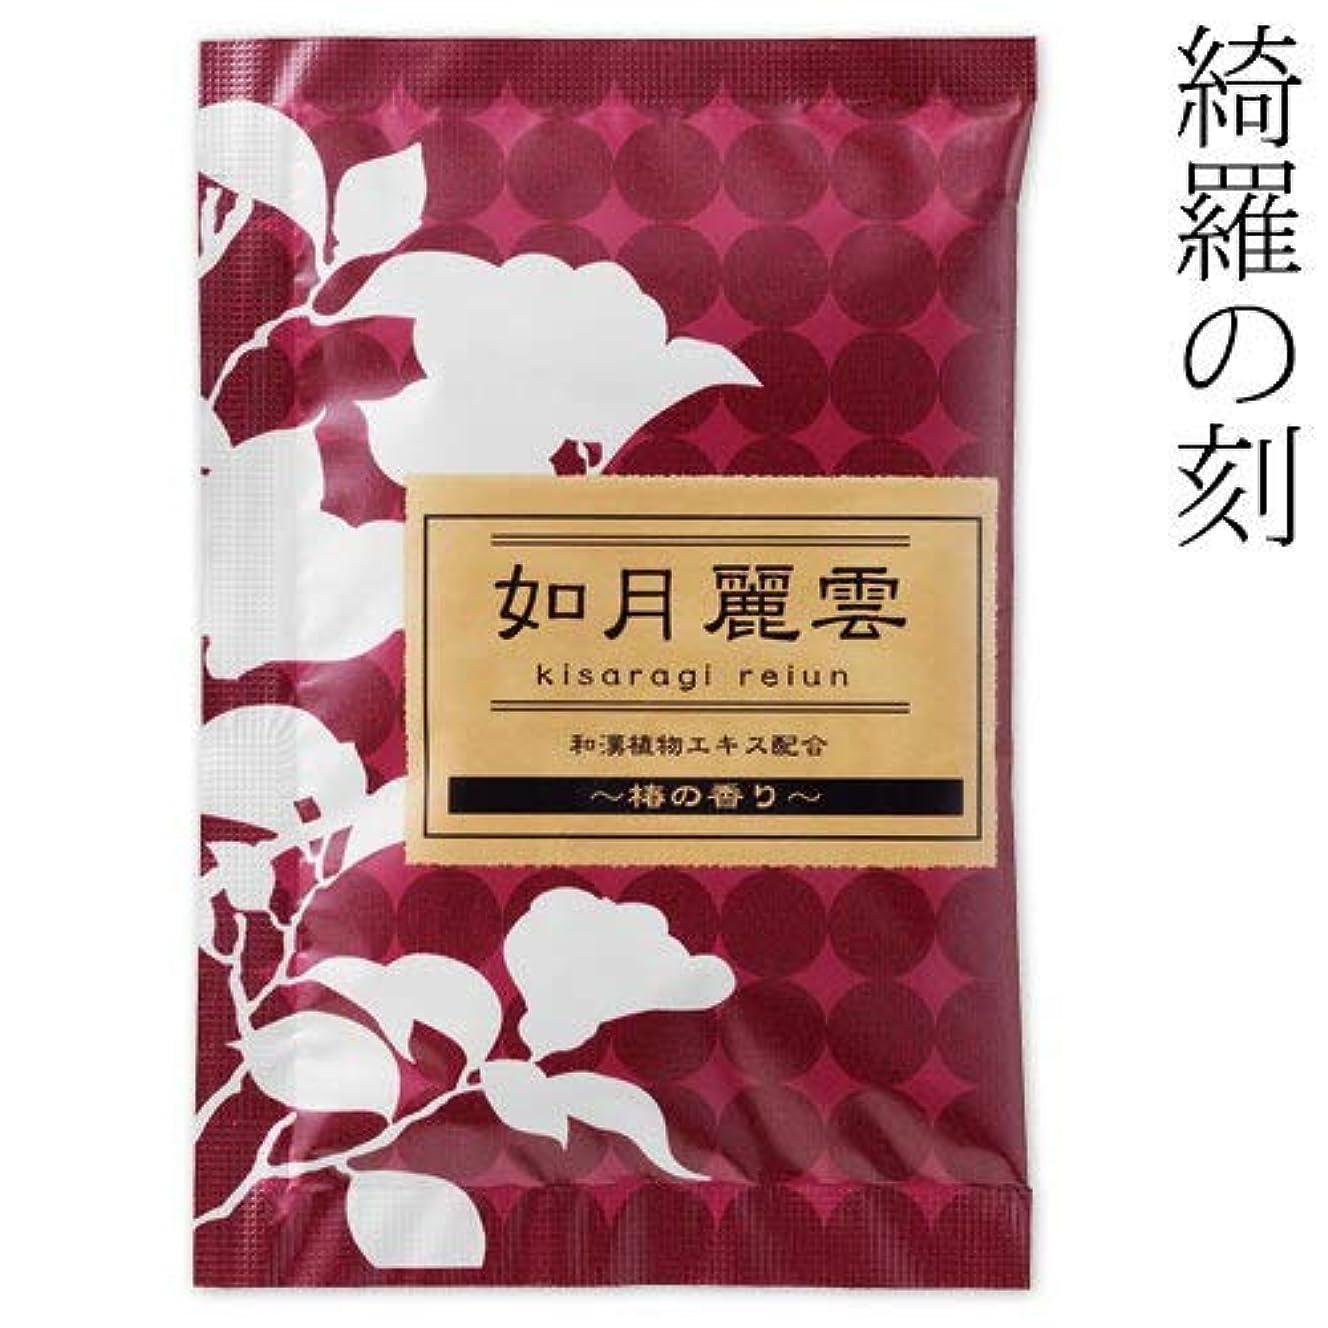 覆すごめんなさい町入浴剤綺羅の刻椿の香り如月麗雲1包石川県のお風呂グッズBath additive, Ishikawa craft